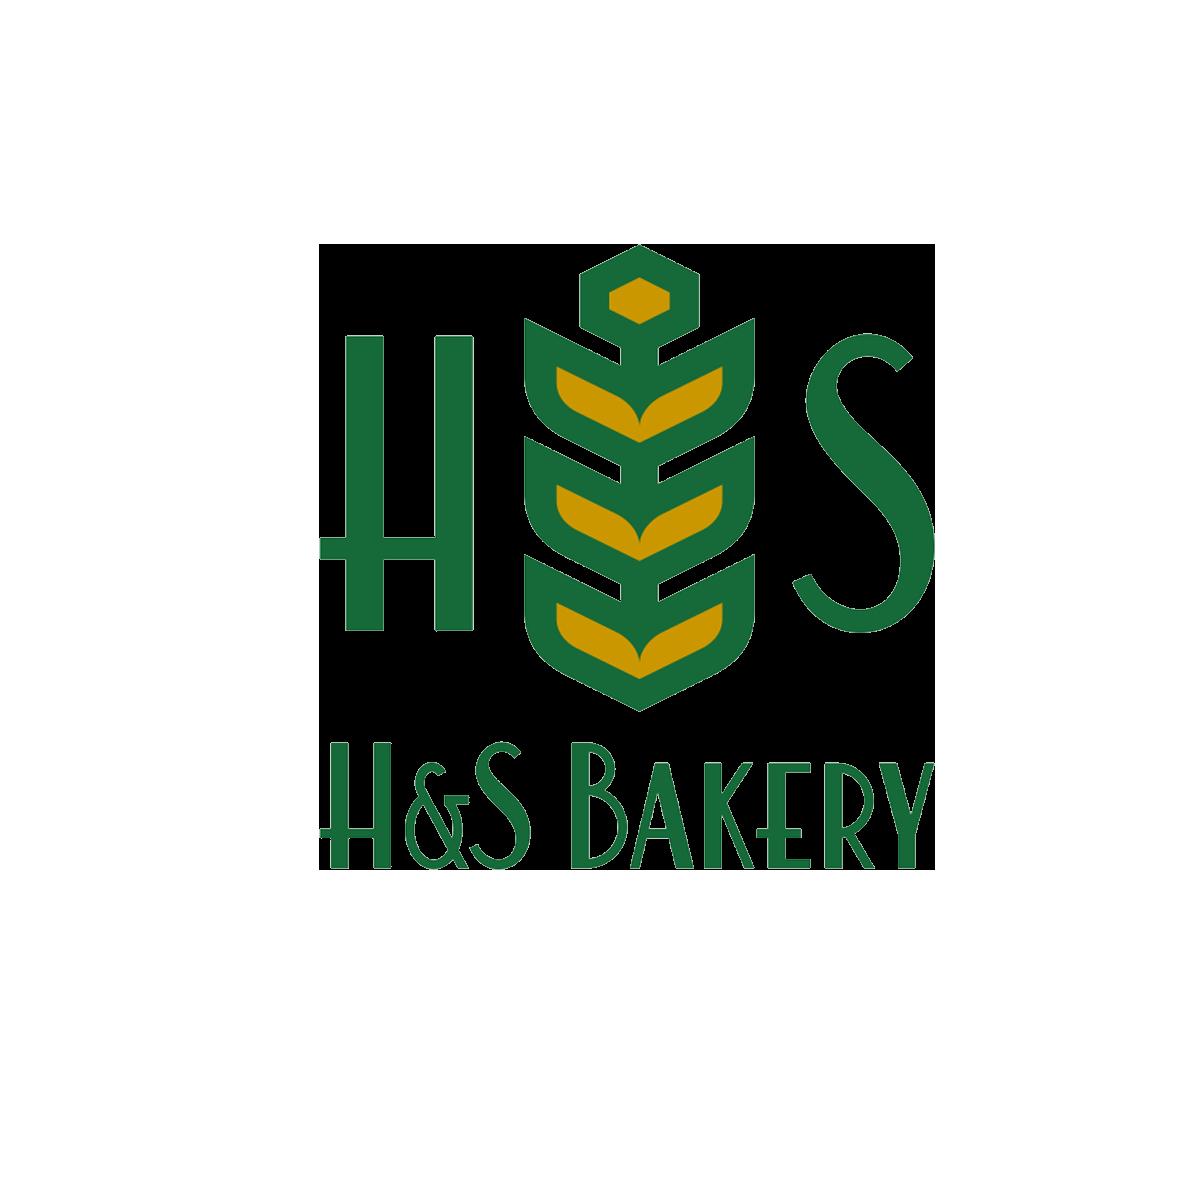 H & S bakerys